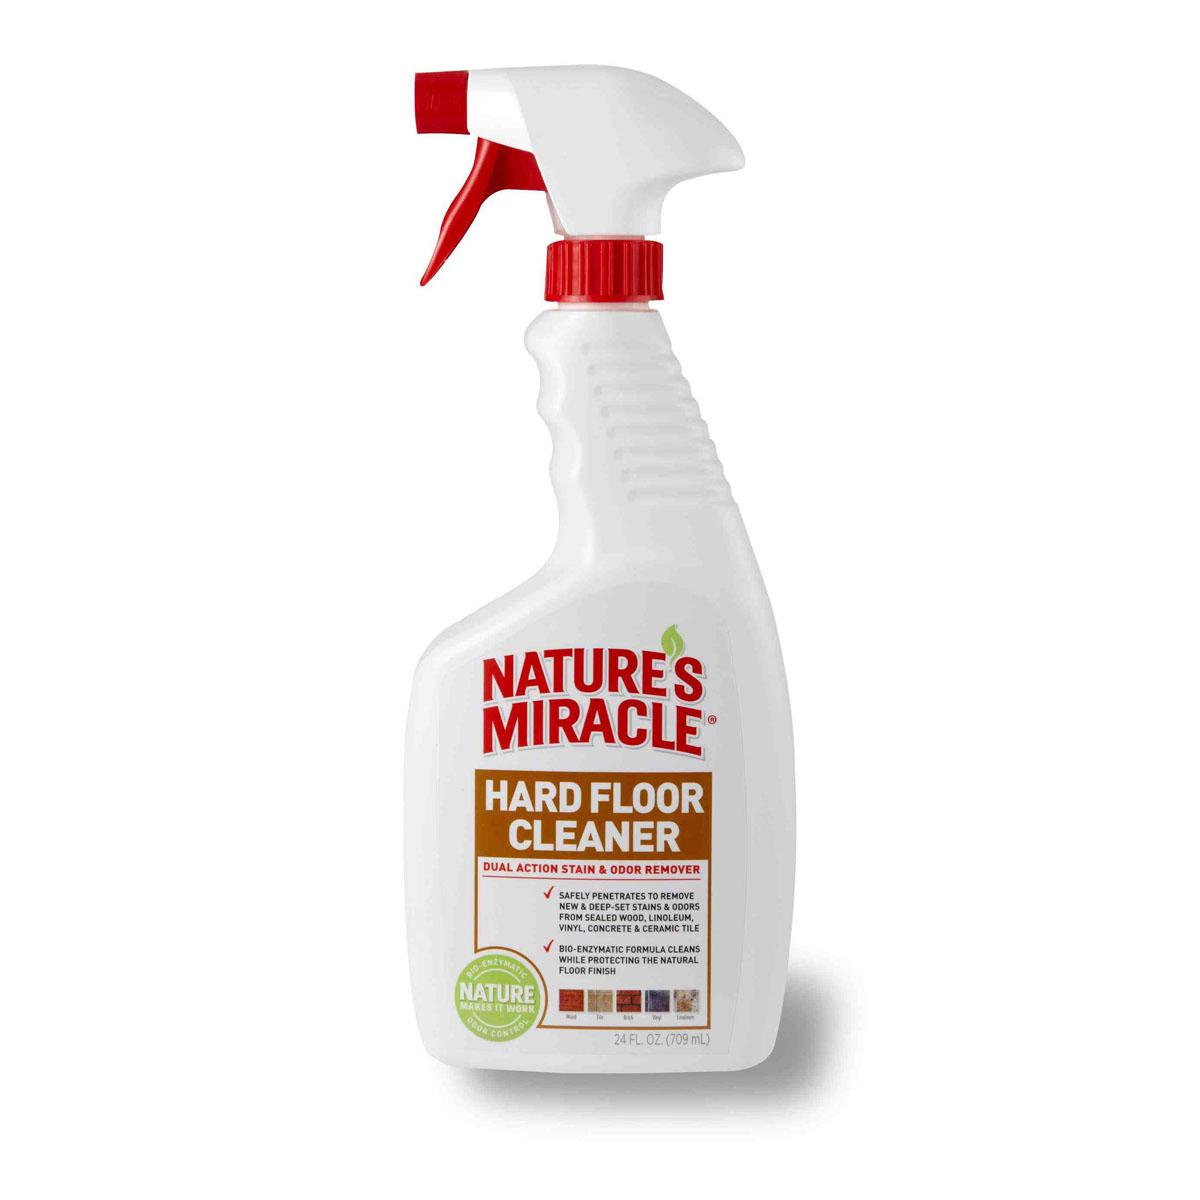 Уничтожитель пятен и запахов для всех видов полов 8 in 1  Nature's Miracle , 709 мл - Бытовая химия